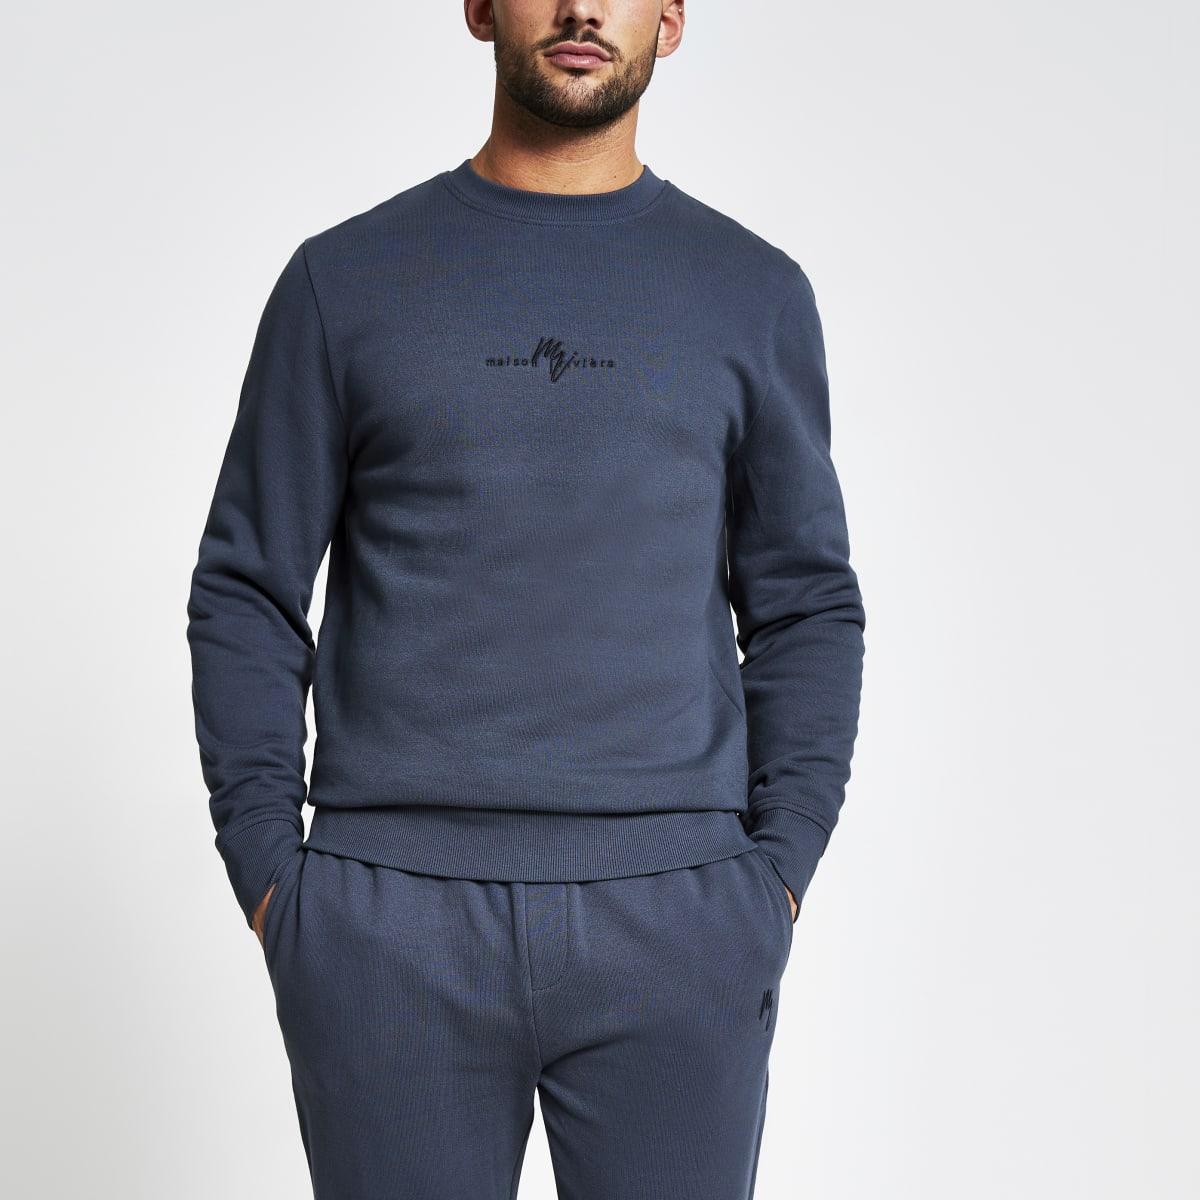 Maison Riviera dark grey slim fit sweatshirt